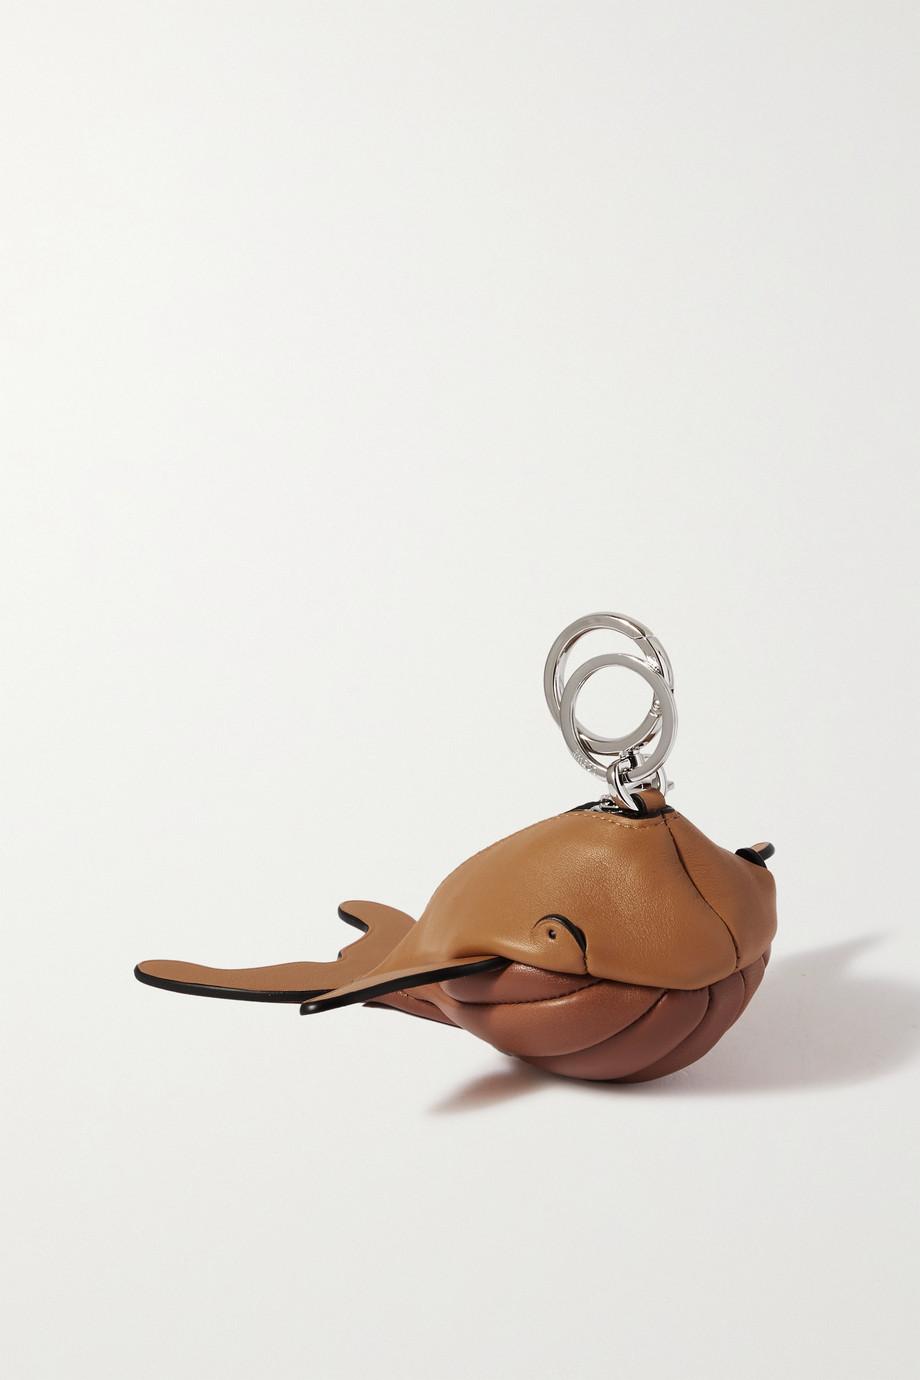 Loewe + Paula's Ibiza leather keyring